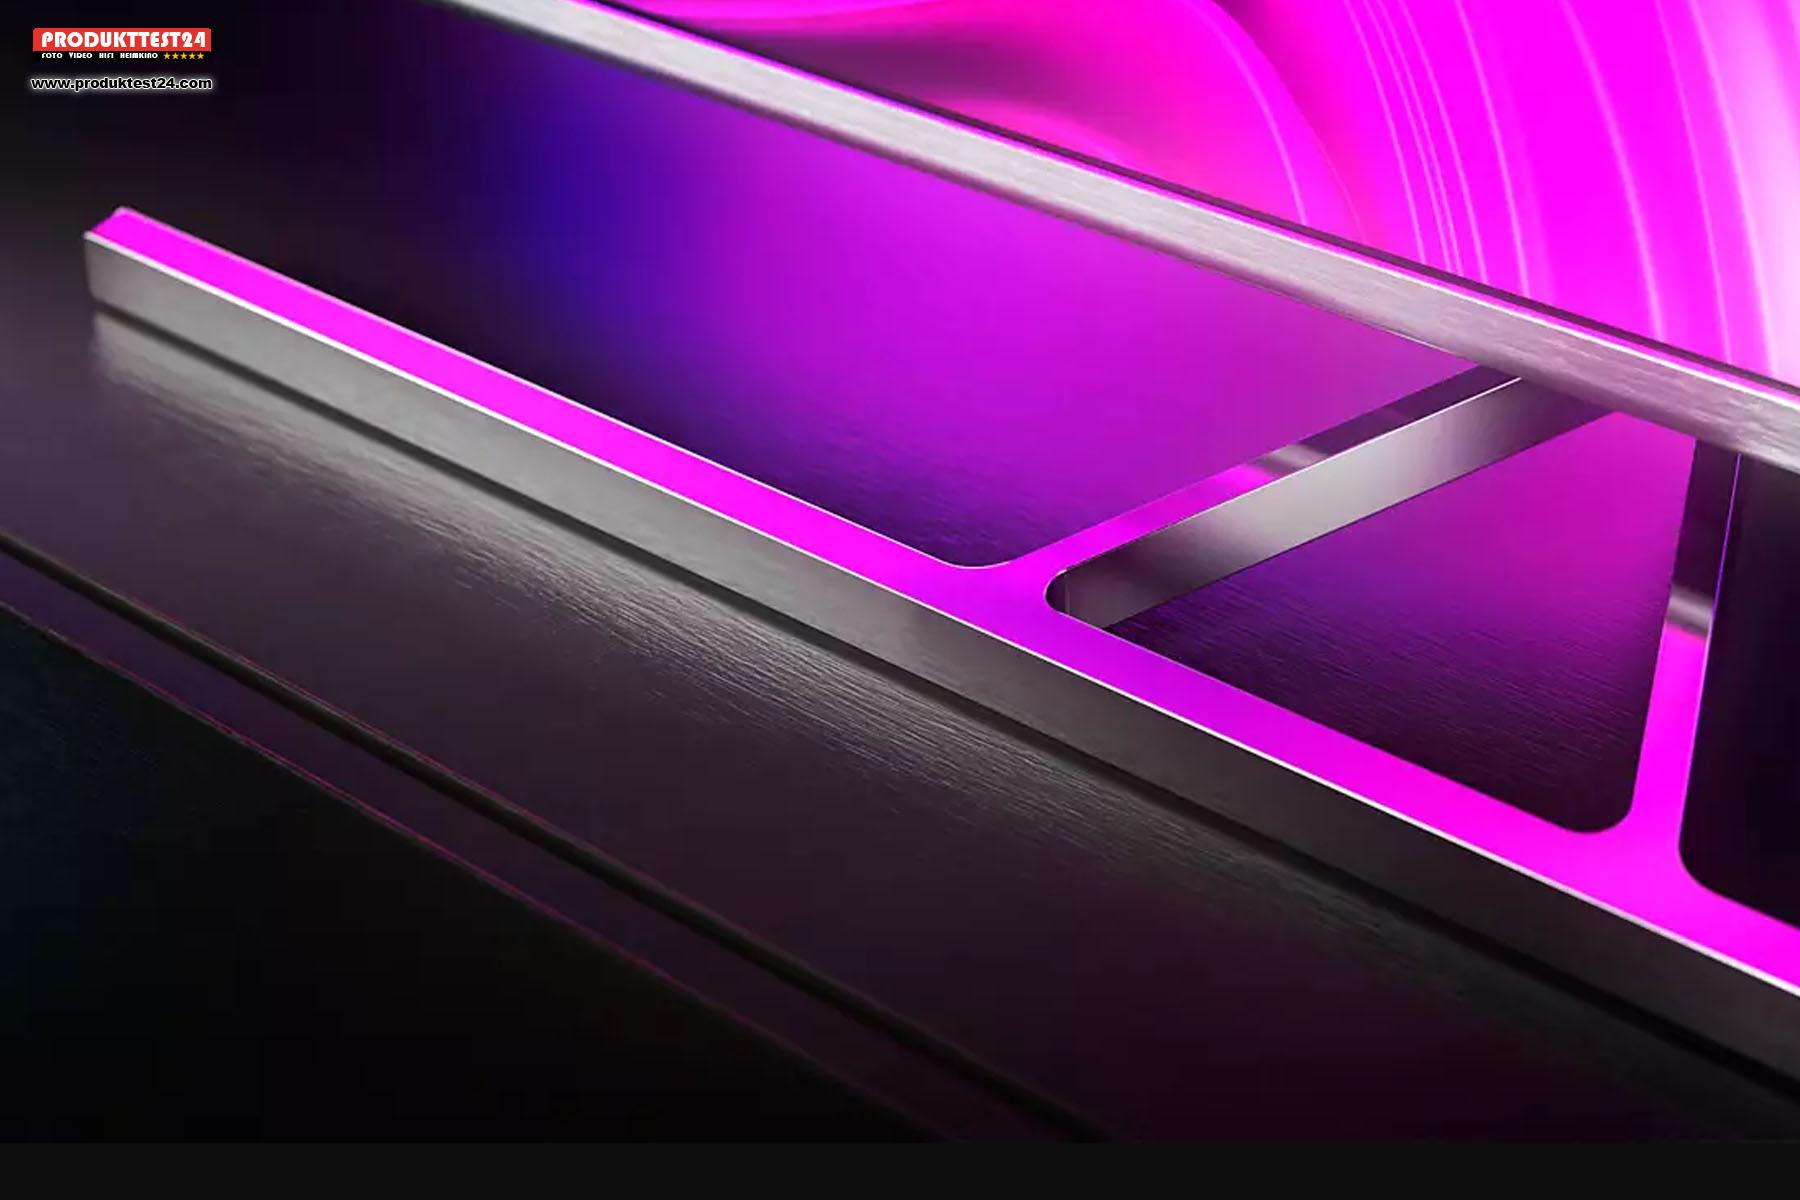 Der Standfuß besteht komplett aus Metall und lässt sich in jede Richtung um je 15° drehen.